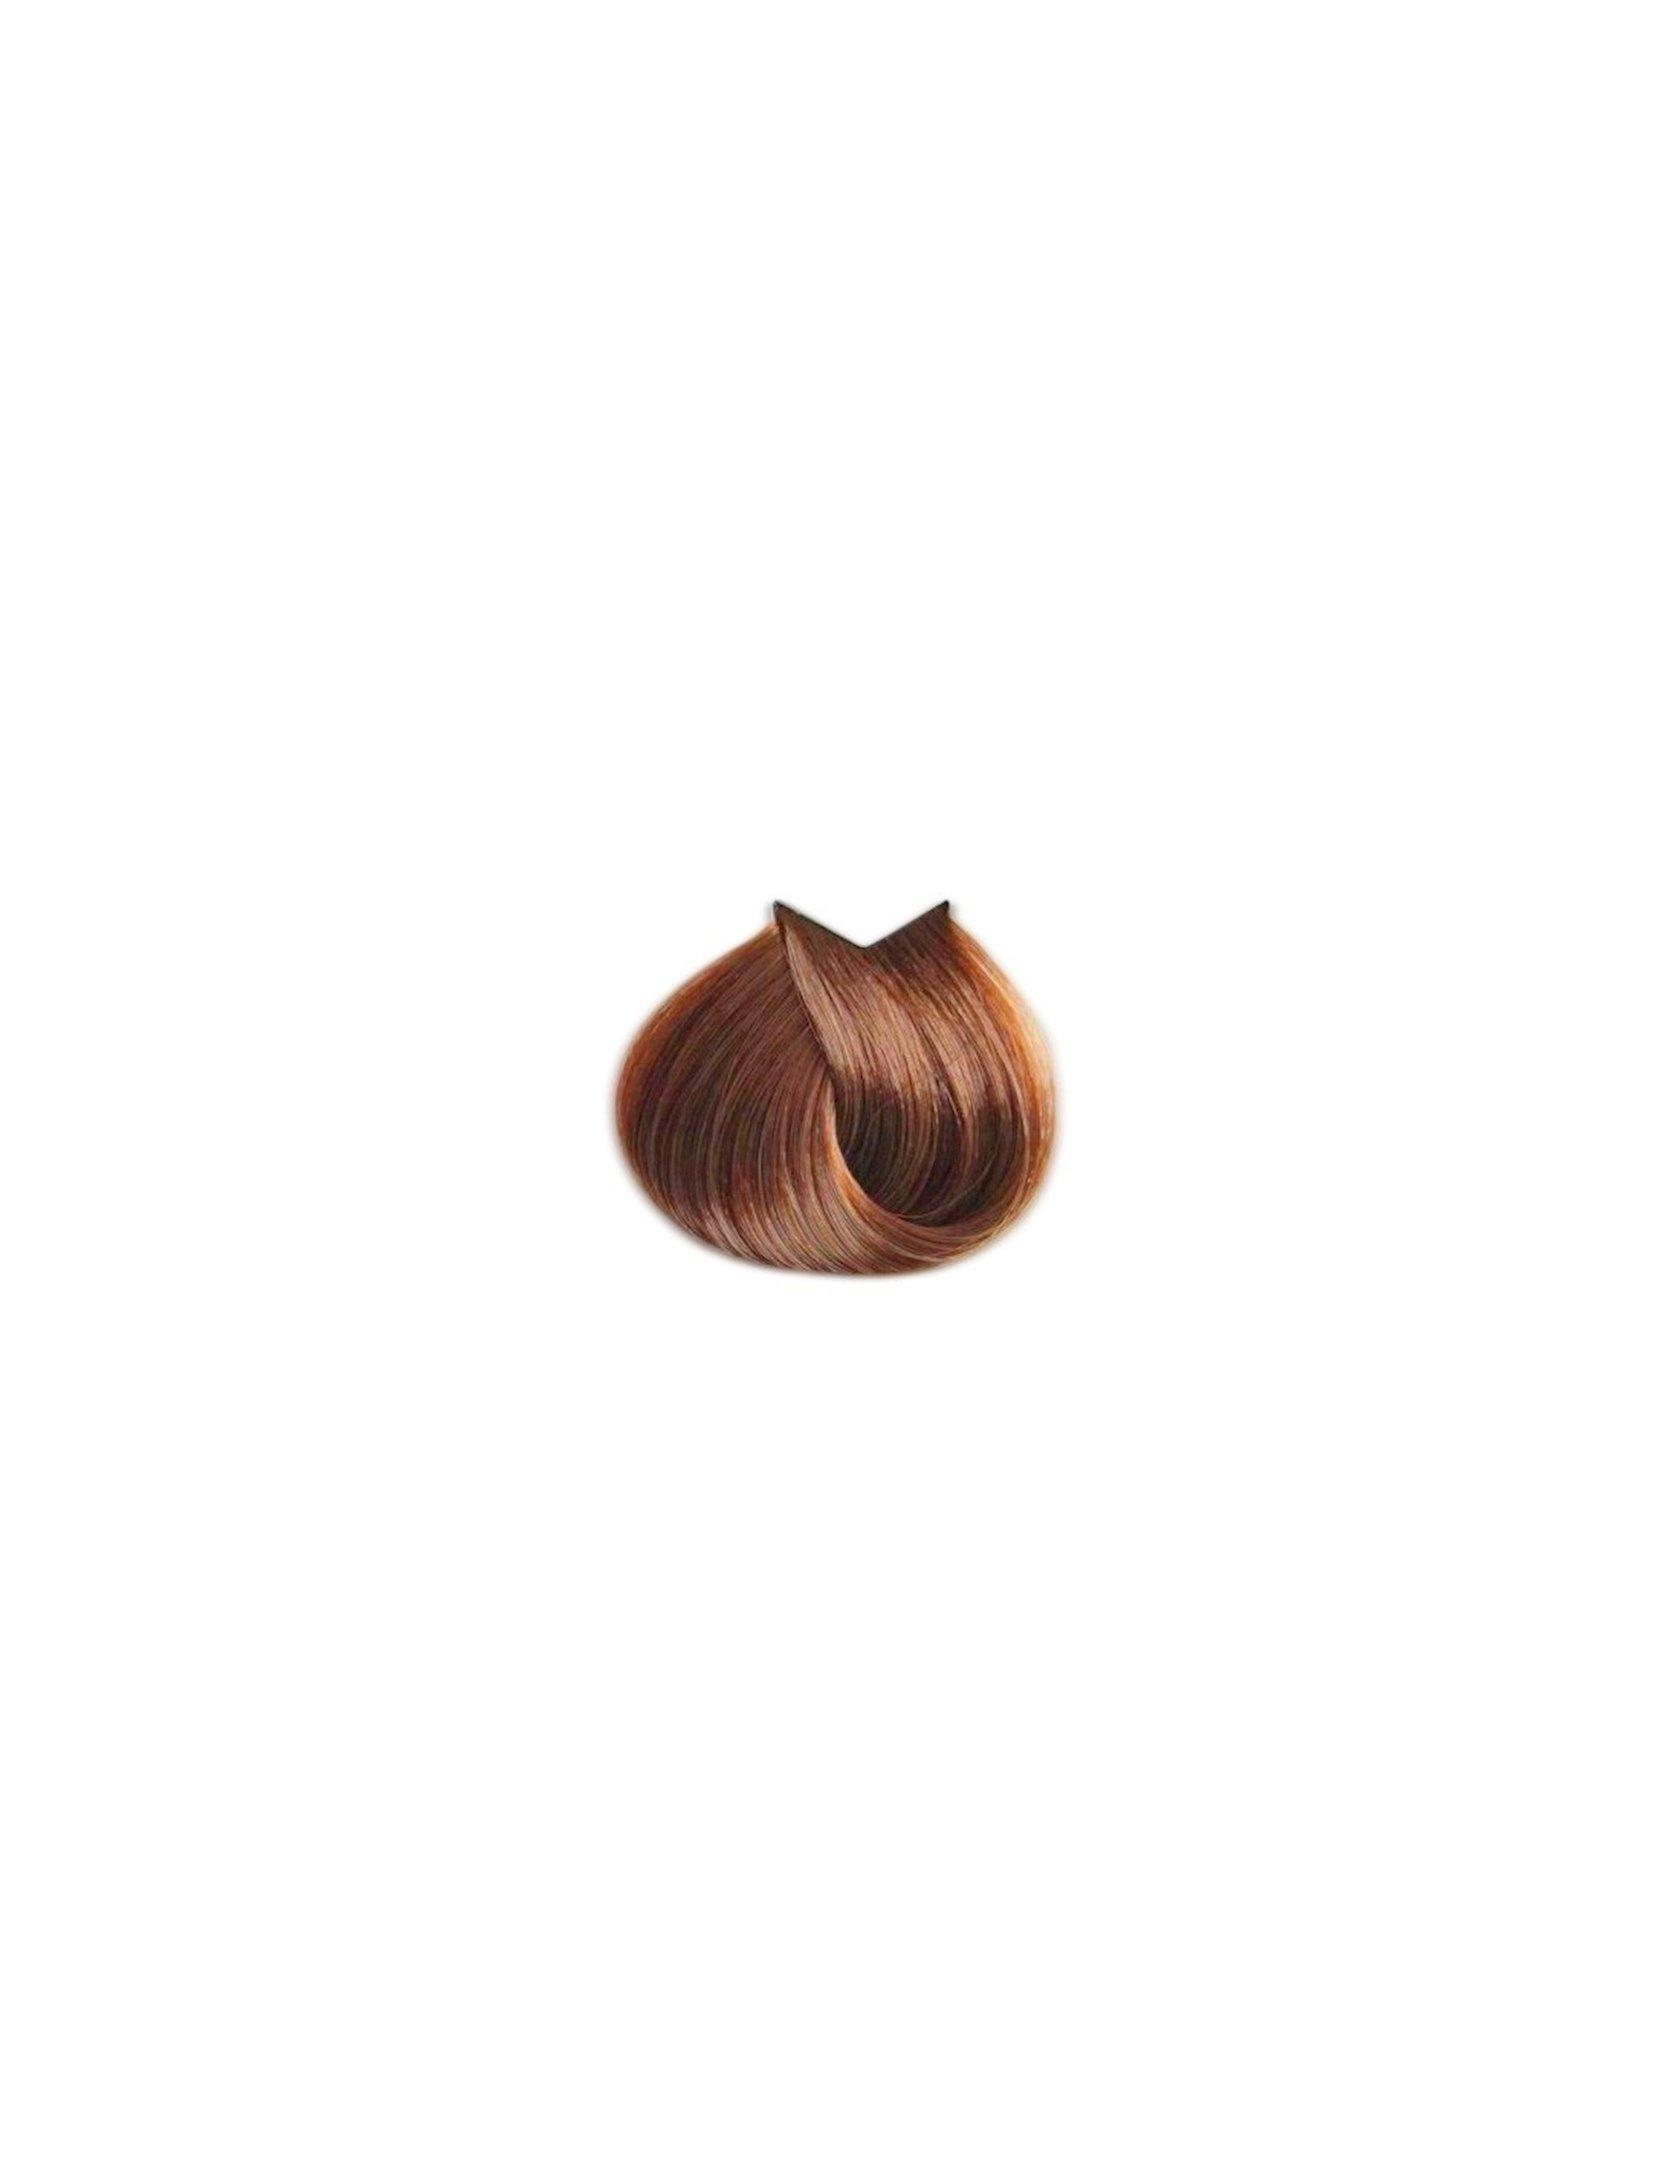 Saç üçün qalıcı krem-boya Farmavita Life Color Plus 8.34 Çox açıq qızılı küllü blond